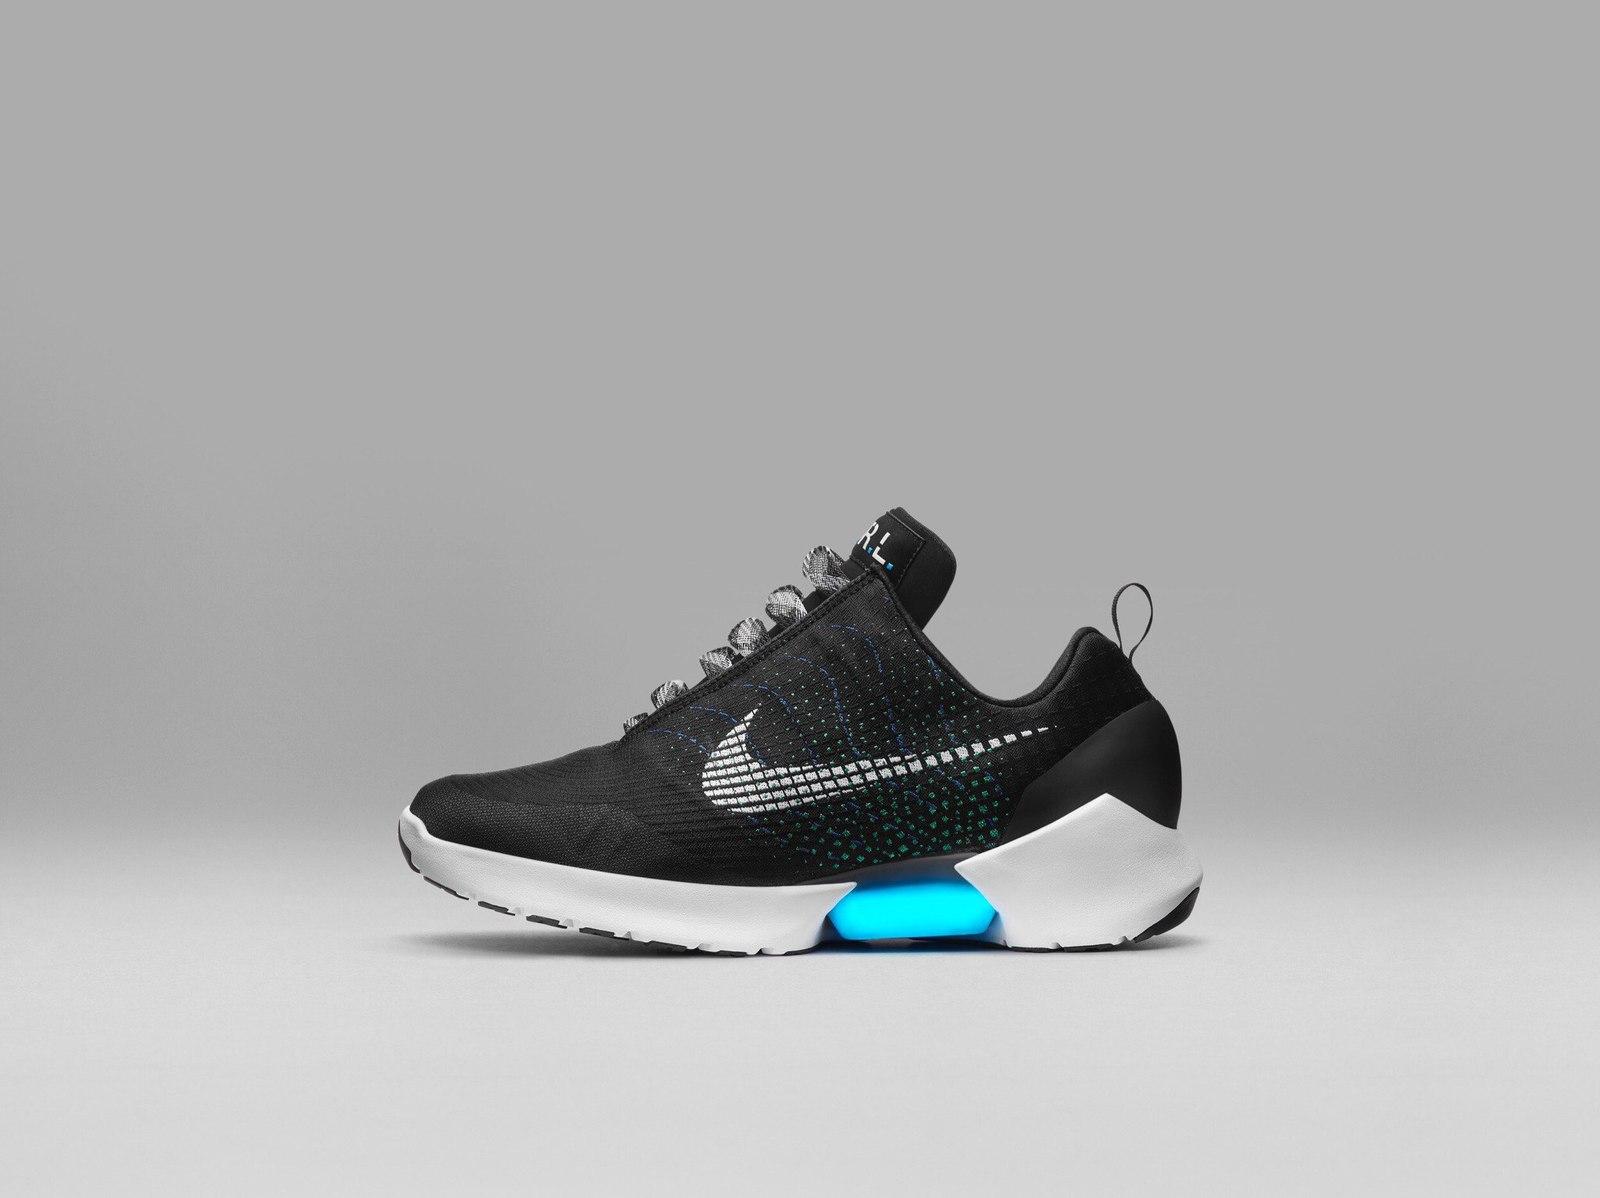 Кроссовки с автоматической шнуровкой Nike HyperAdapt 1.0 оказались  существенно дешевле baa6040d01011